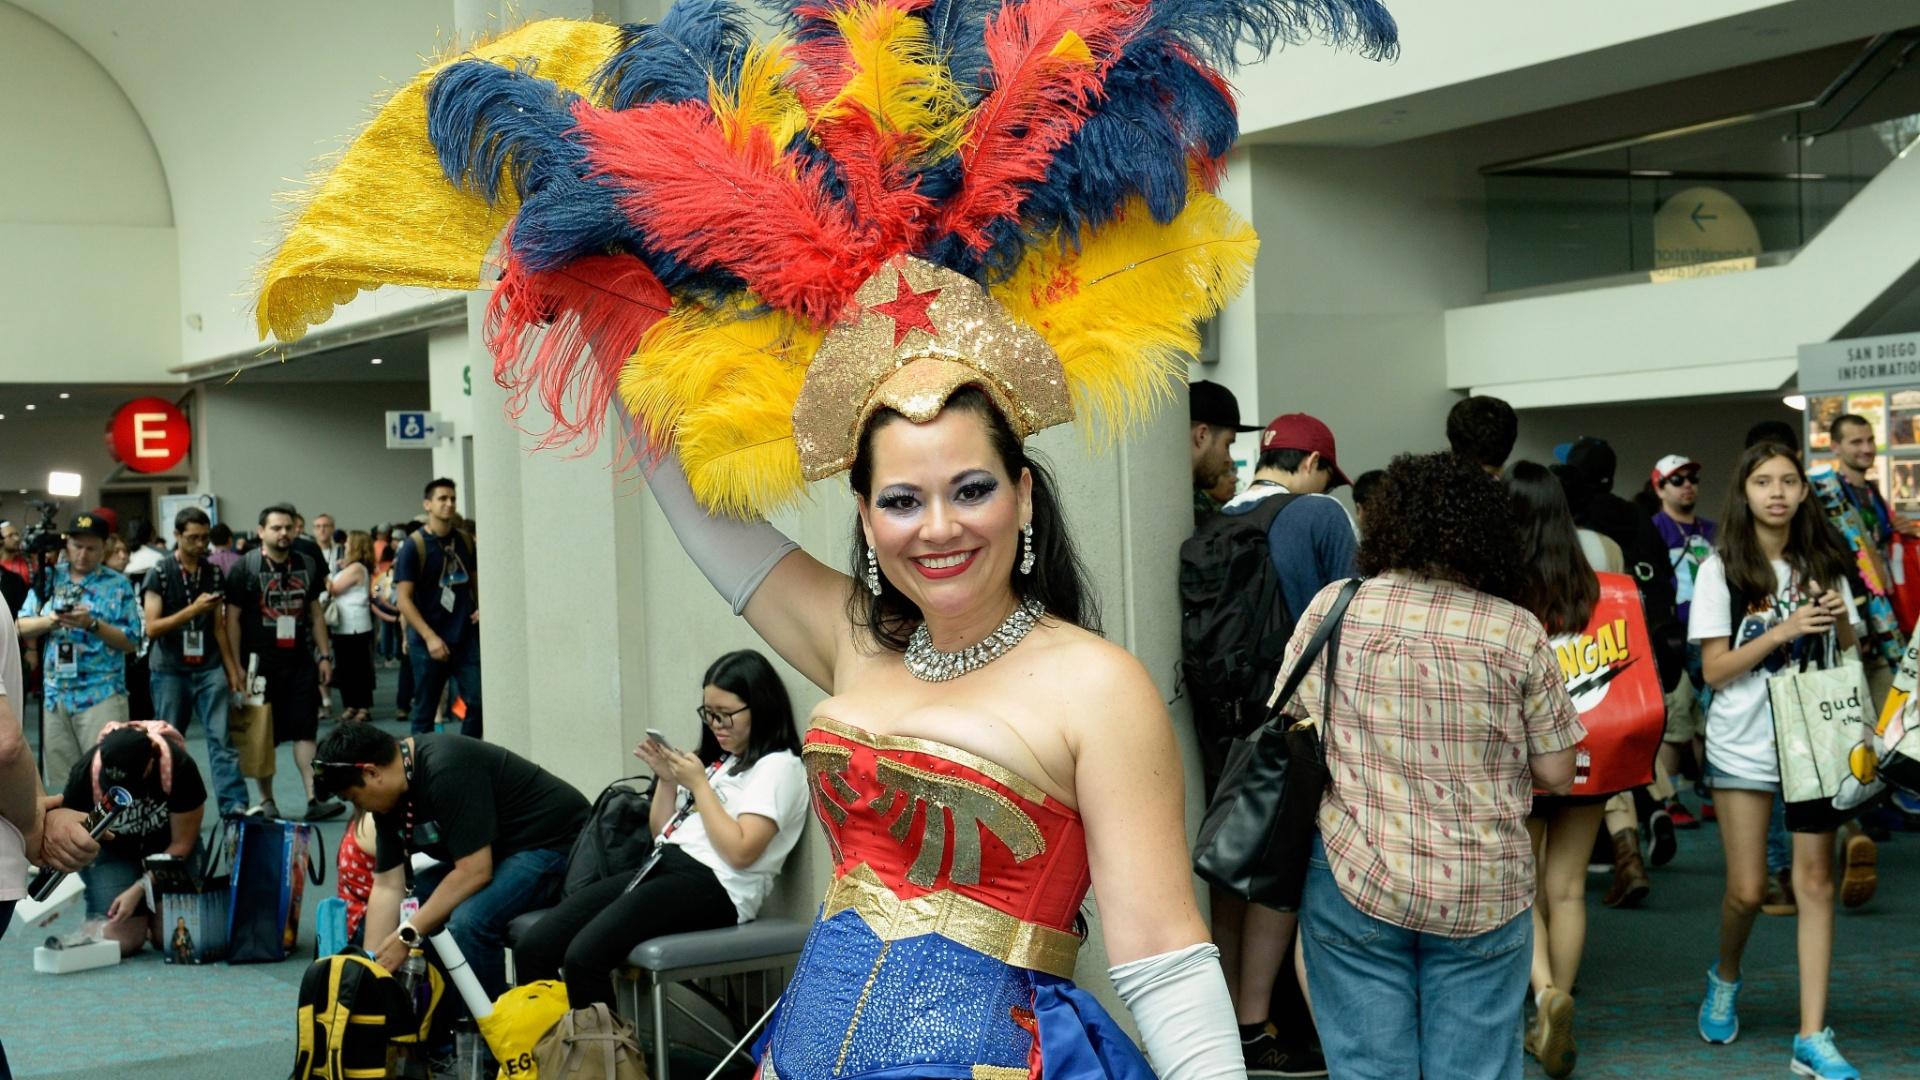 23.jul.2016 - Calma lá! É Carnaval ou Comic-Con? Não importa: de qualquer forma, essa Mulher Maravilha caprichou no visual